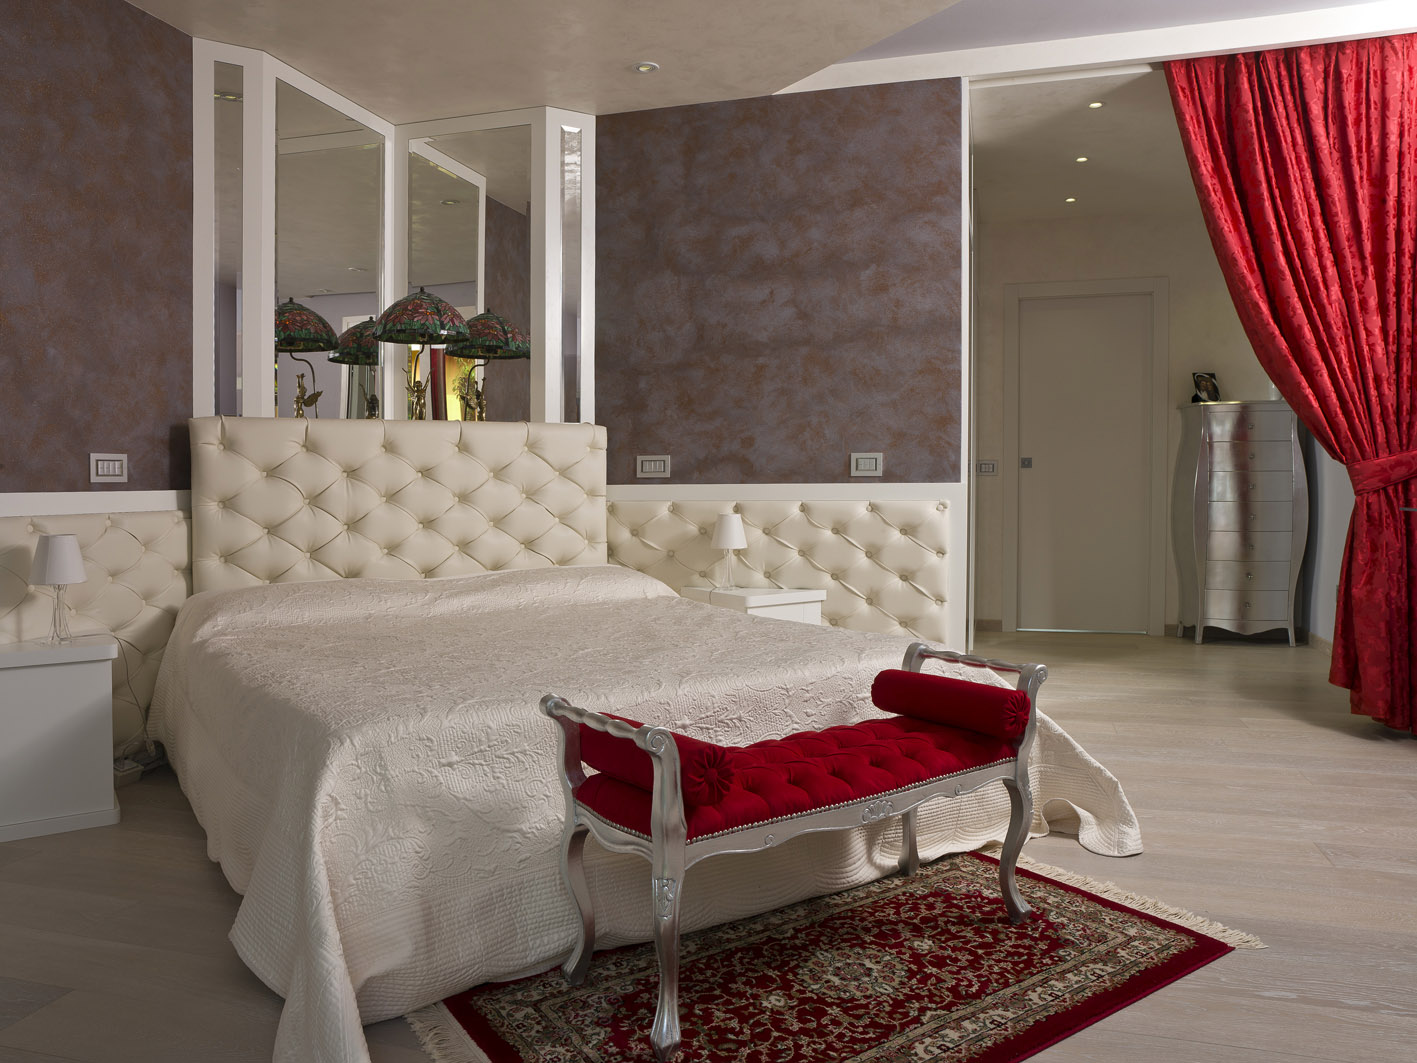 camera liberty art nouveau letto capitonné MG architettura d'interni simone casarotto design